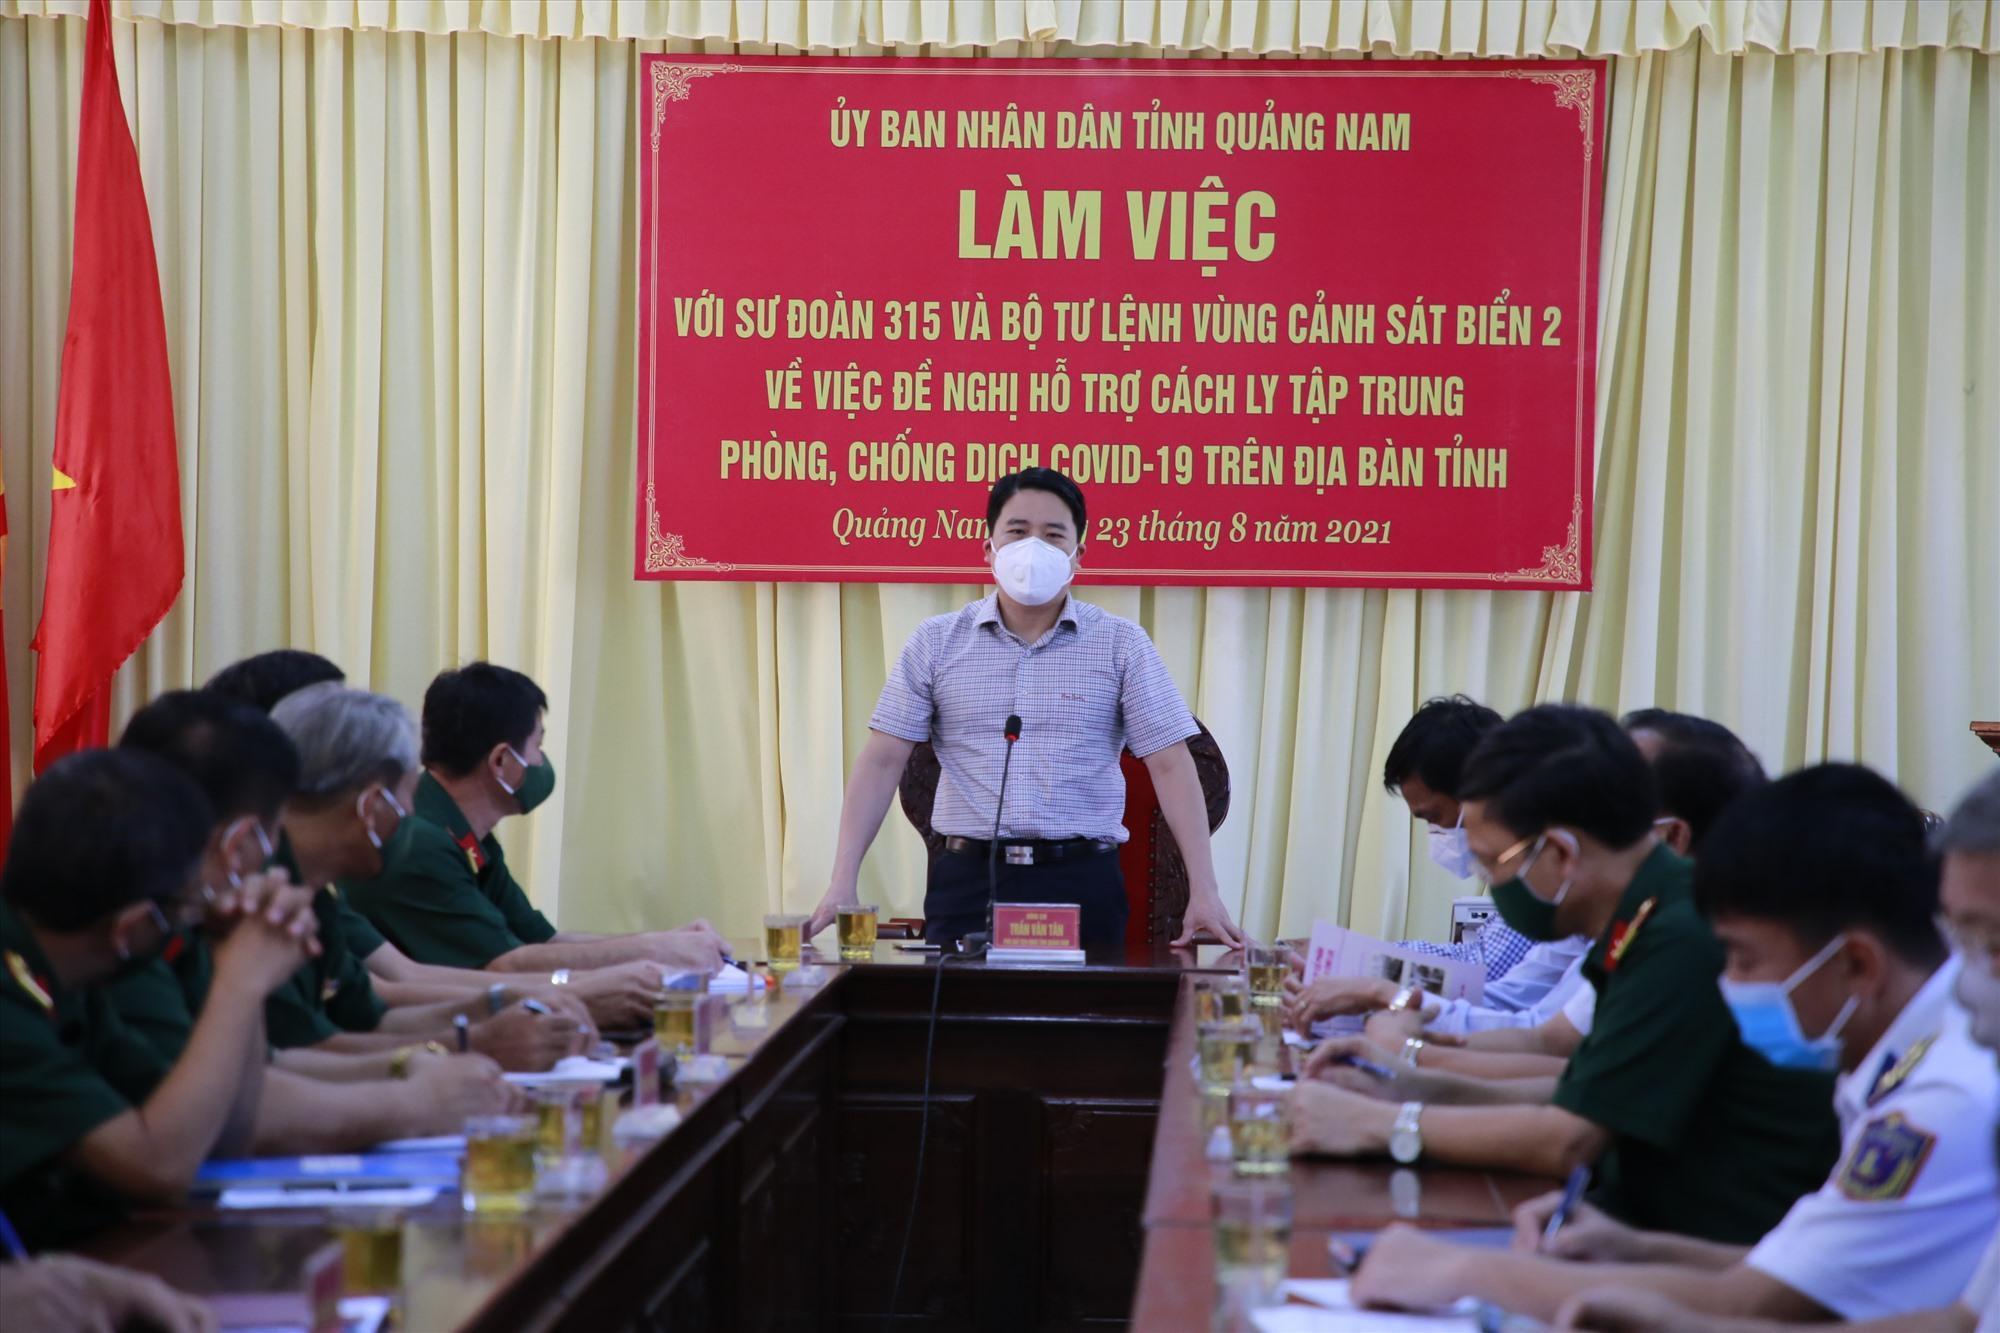 Phó Chủ tịch UBND tỉnh Trần Văn Tân đề nghị Sư đoàn 315 và Bộ tư lệnh Vùng Cảnh sát biển 2 vào cuộc mạnh mẽ, hỗ trợ nhiều hơn trong công tác phòng chống dịch Covid-19 khi diễn tiến dịch bệnh phức tạp hơn. Ảnh: T.C